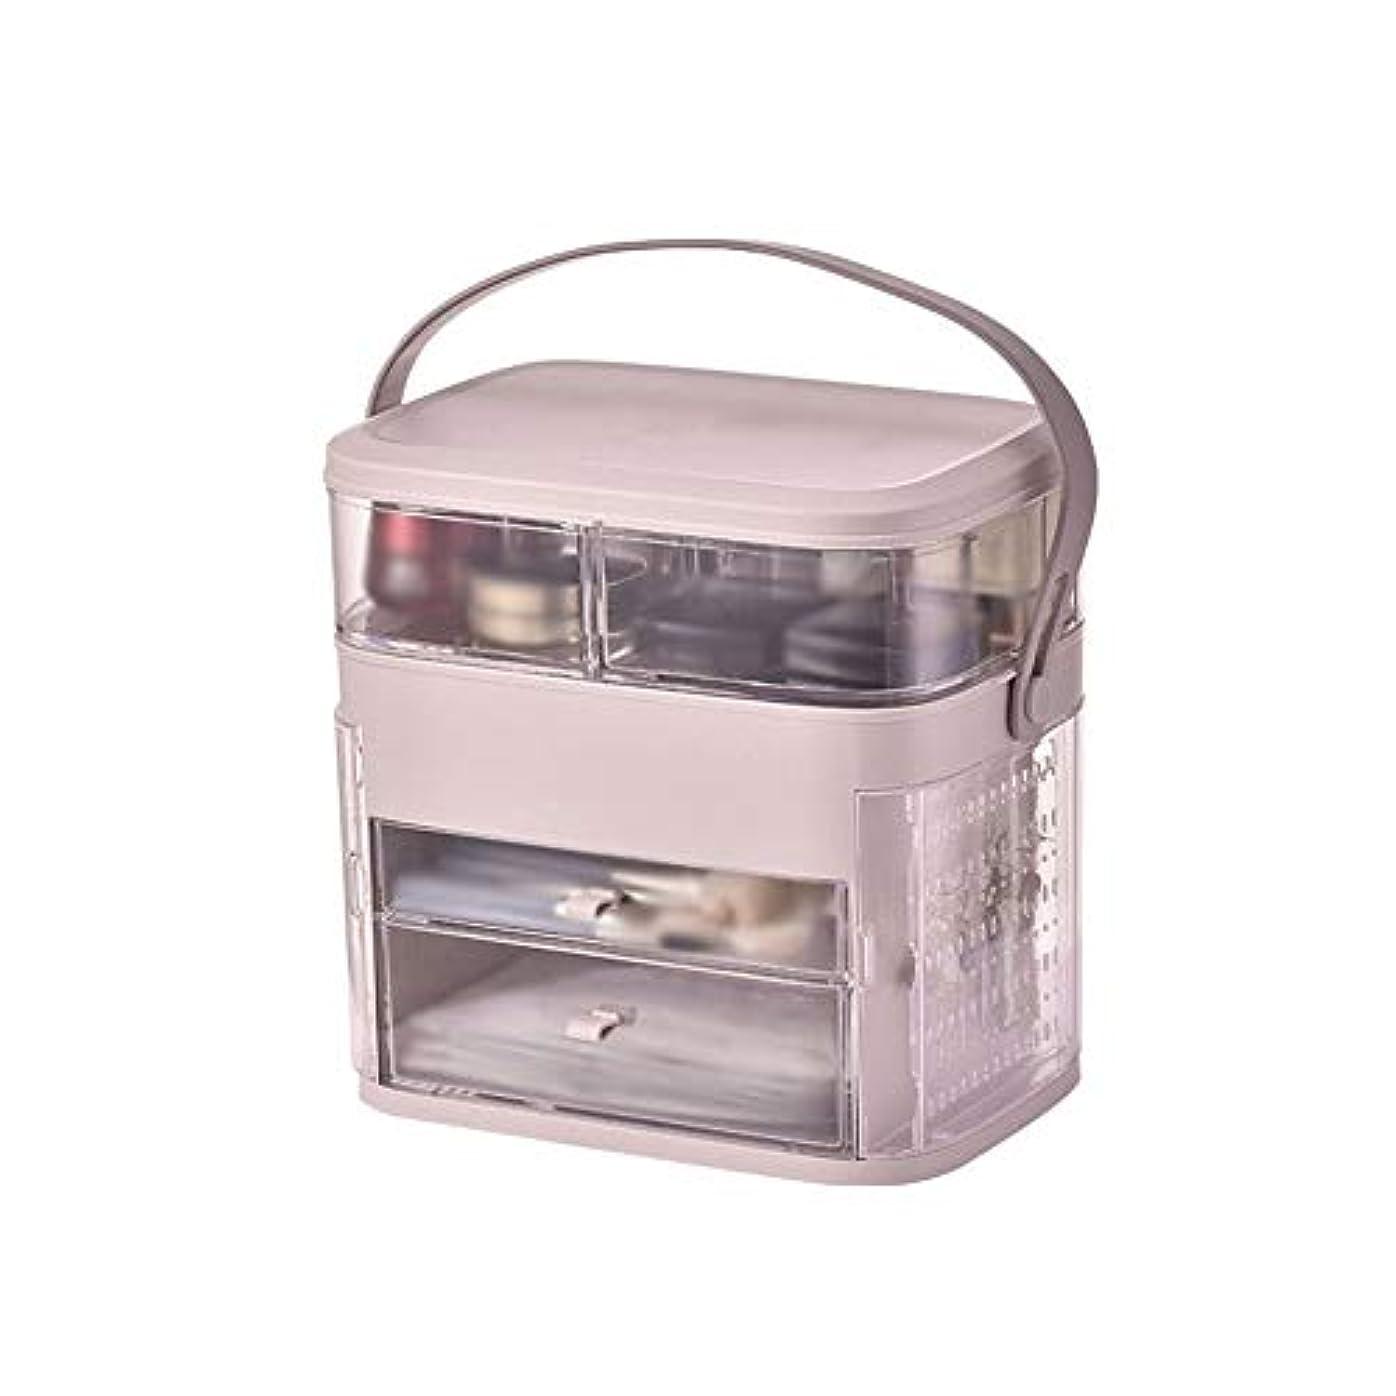 町スタッフ分配しますメイクボックス イヤリング収納 コスメボックス 化粧品収納ボックス スキンケア用品収納 洗面所 透明 手提げ付き 持ち運び 旅行 トラベル 大容量 シンプル ジュエリー収納 ホワイト ピンク